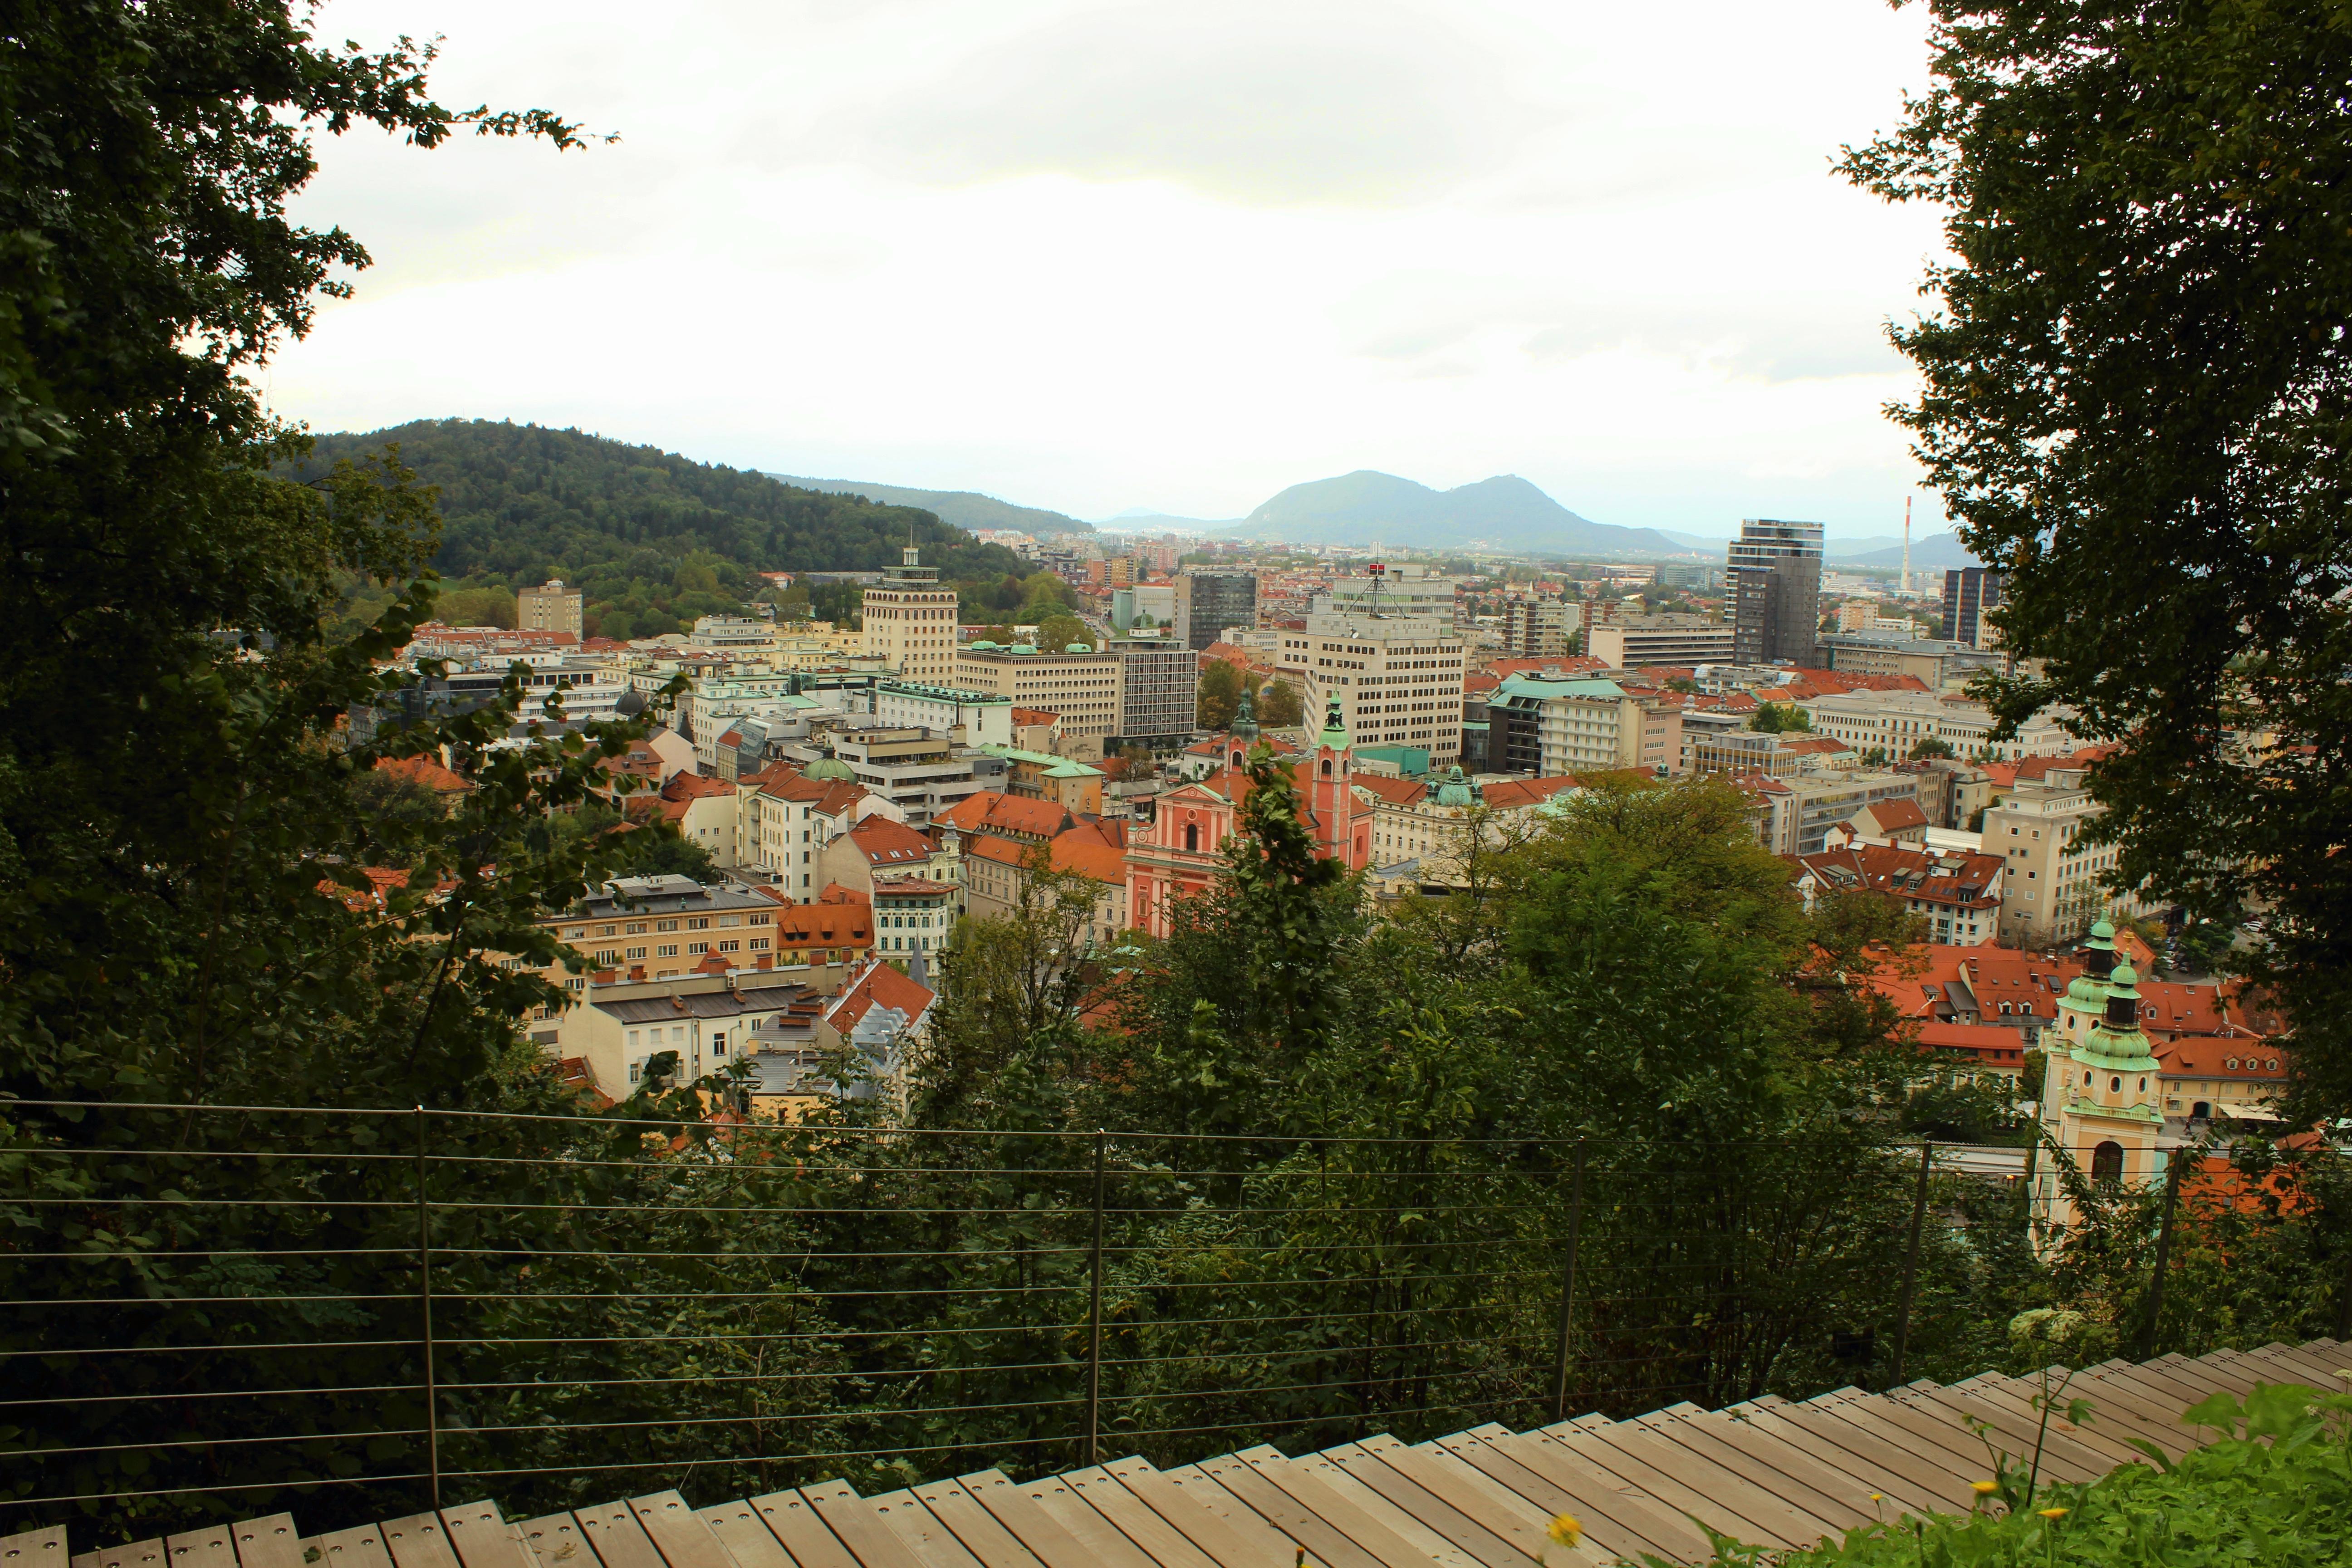 Klick auf's Bild für die besten Cafés, Shops und Tipps für Deinen Citytrip in das wunderschöne Ljubljana!